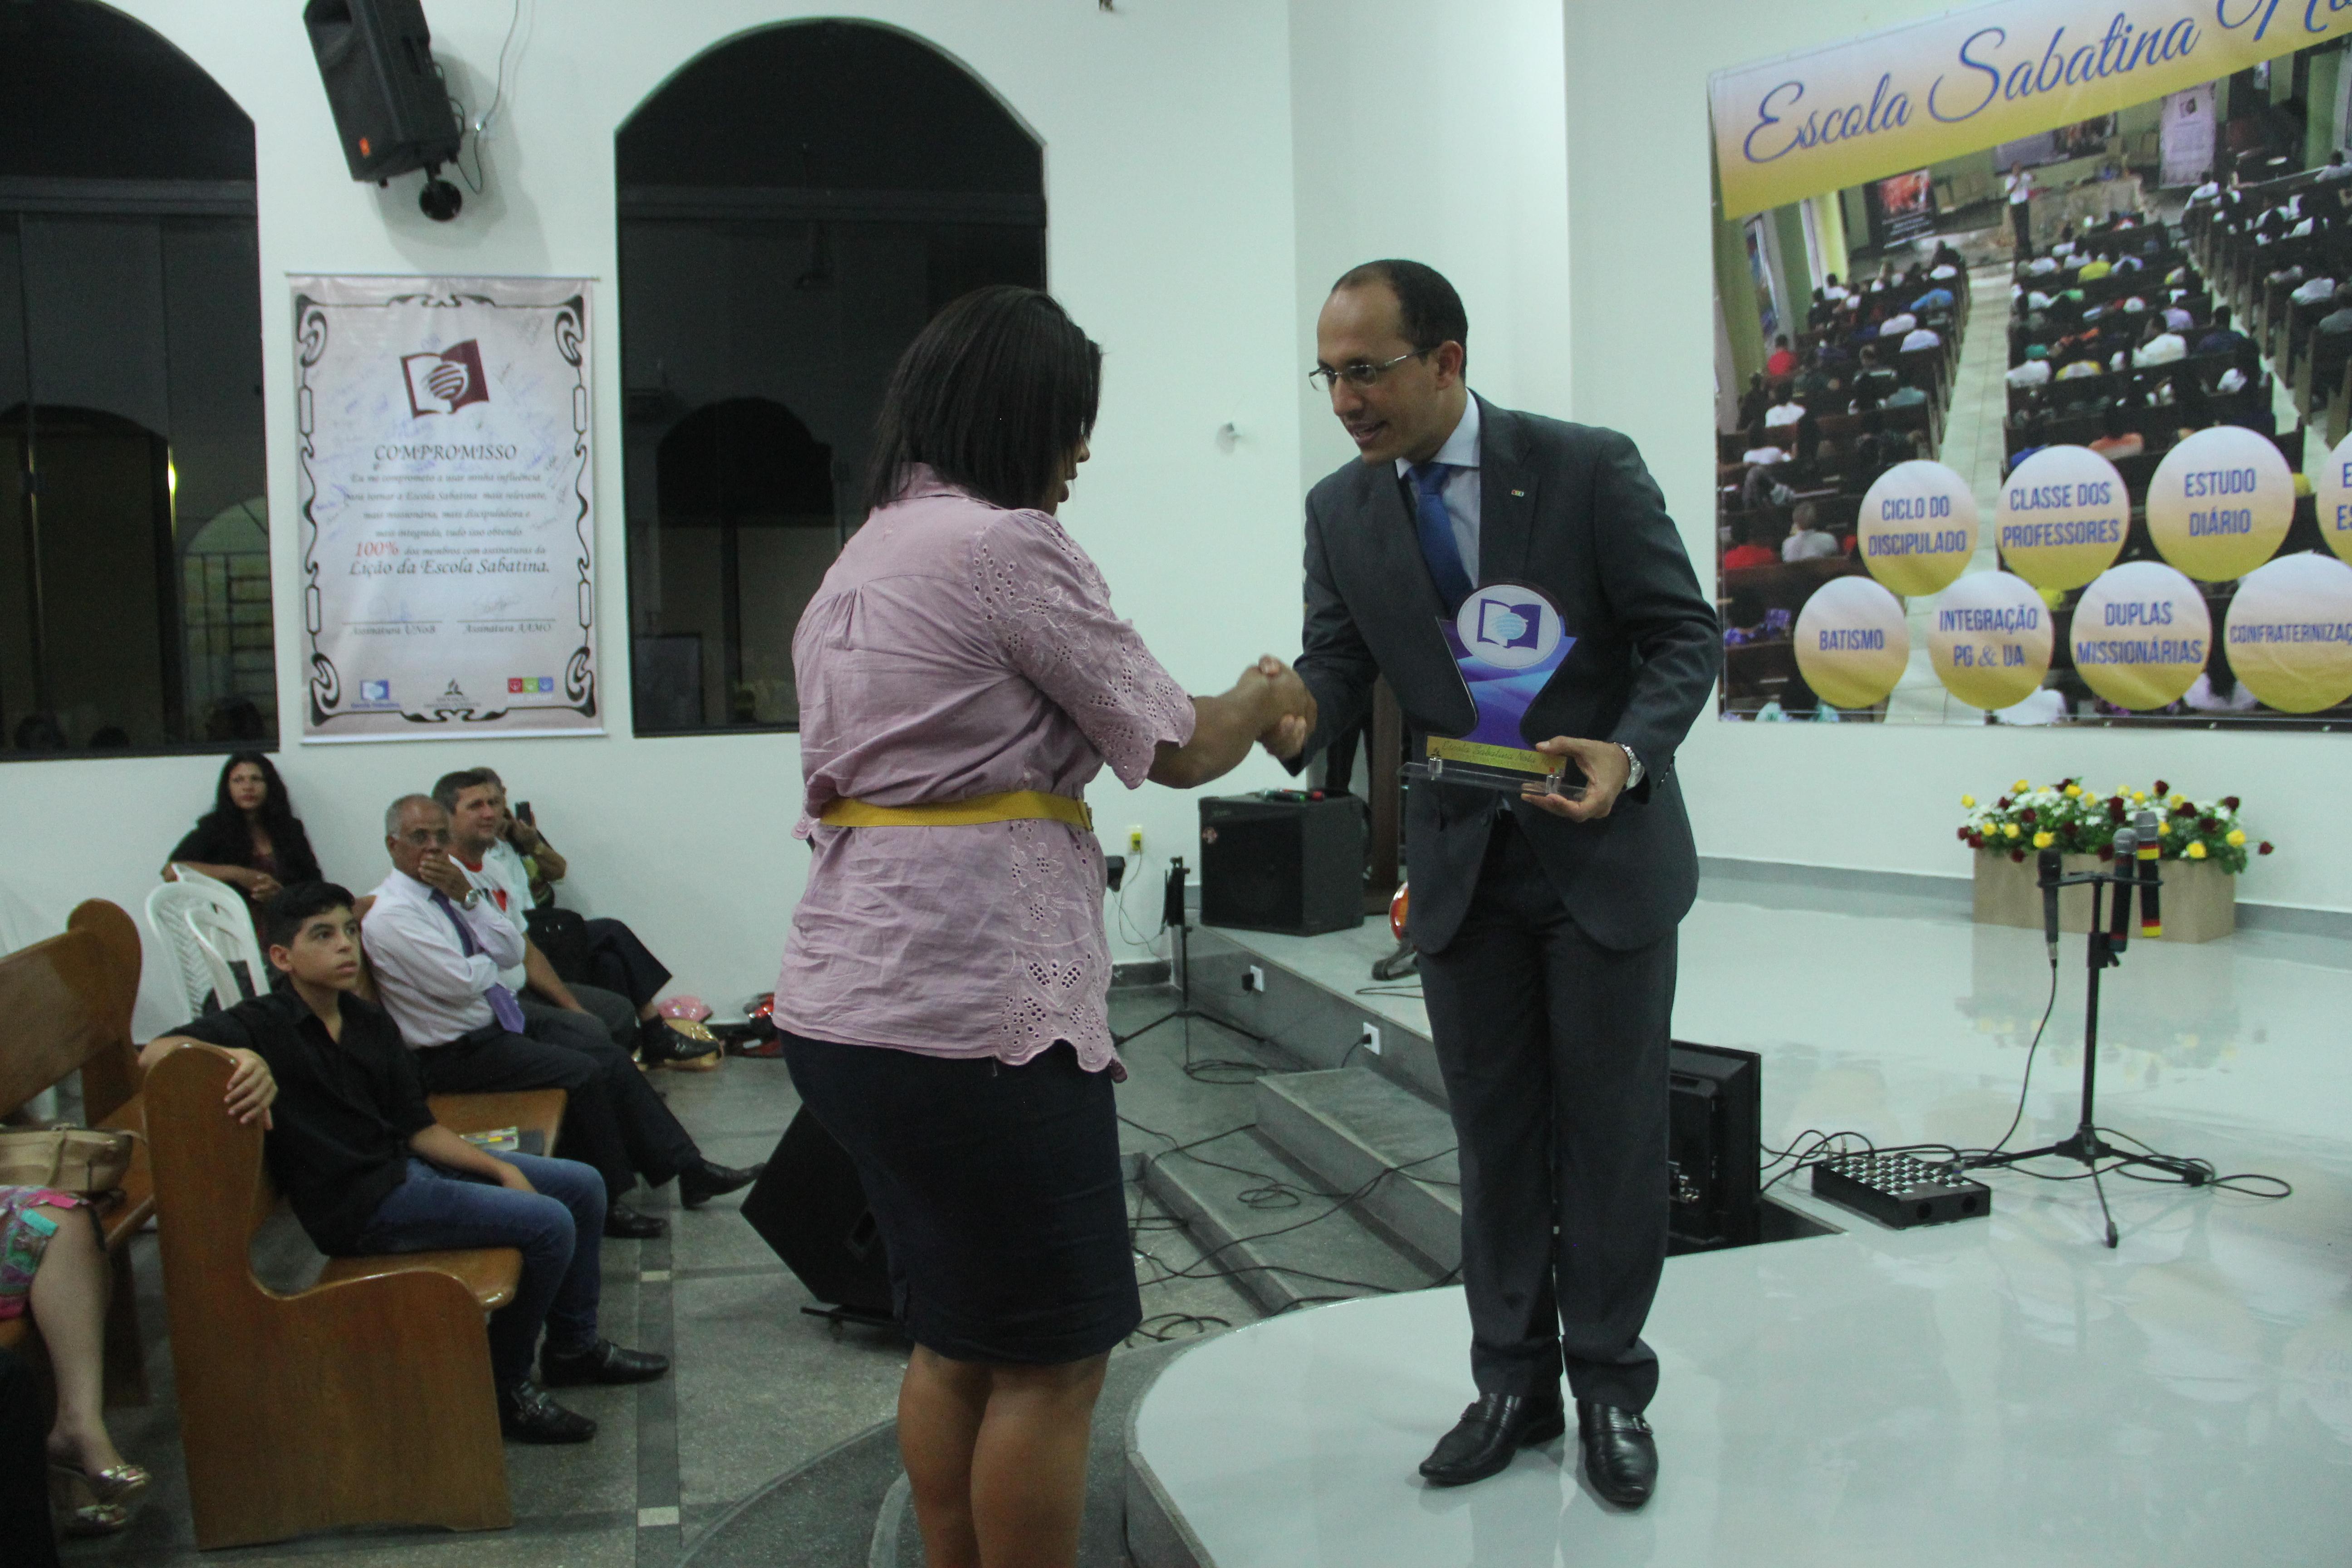 Líder da área, pastor Tiago, pensa em ampliar o projeto para as sedes administrativas na região Noroeste do Brasil